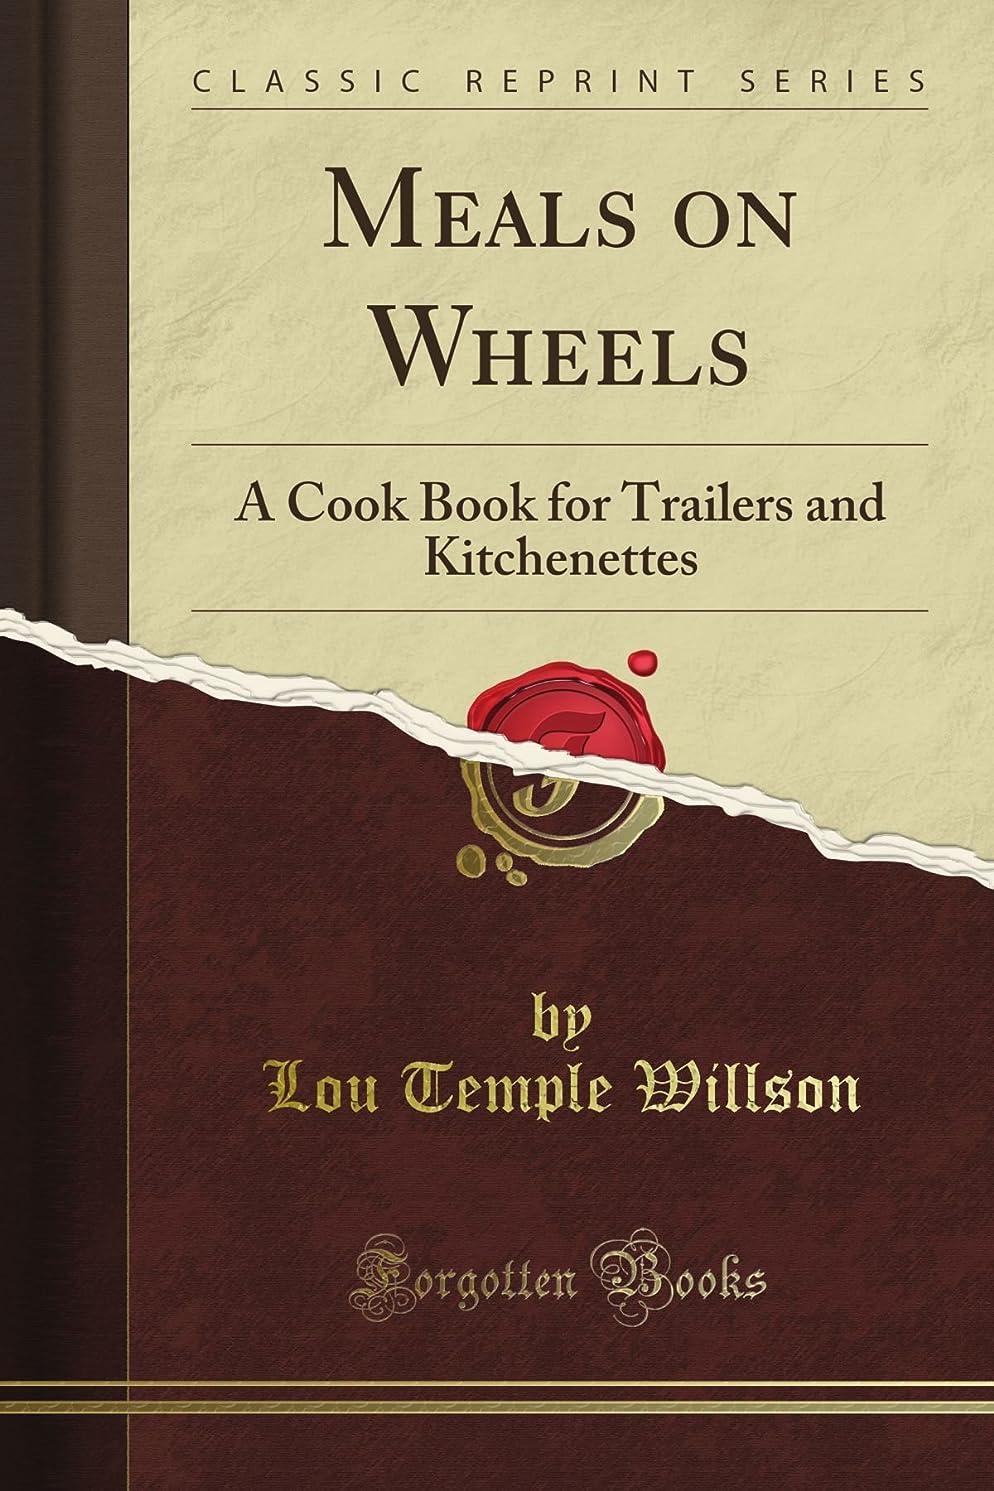 増強ええ結論Meals on Wheels: A Cook Book for Trailers and Kitchenettes (Classic Reprint)